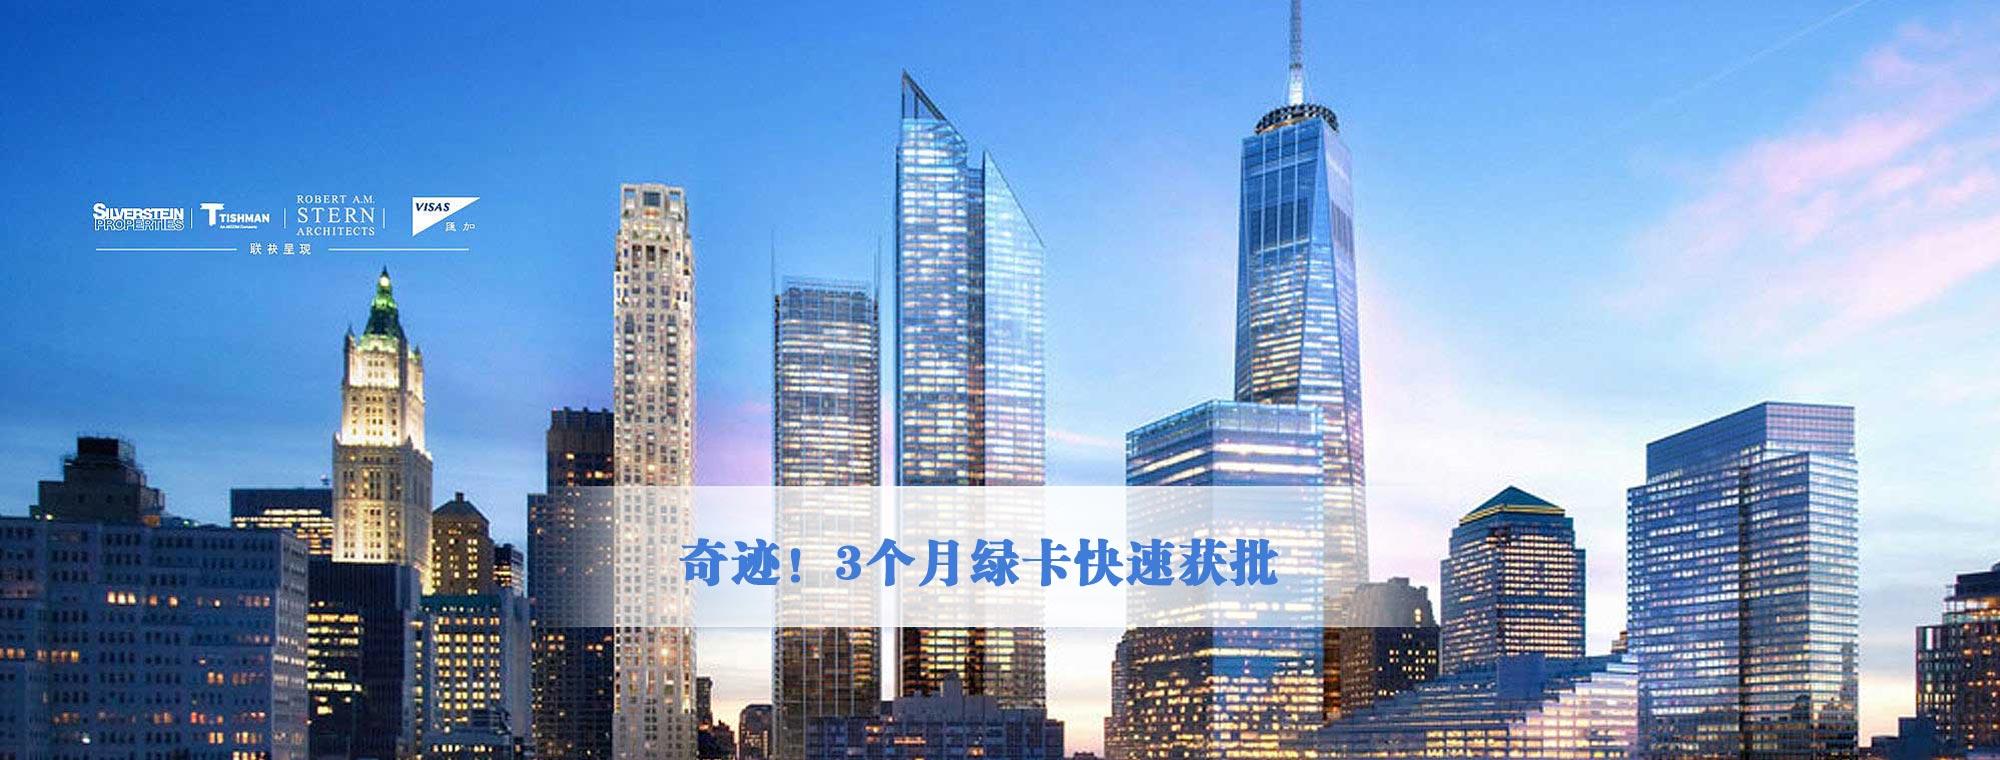 纽约世贸中心四季酒店-售罄